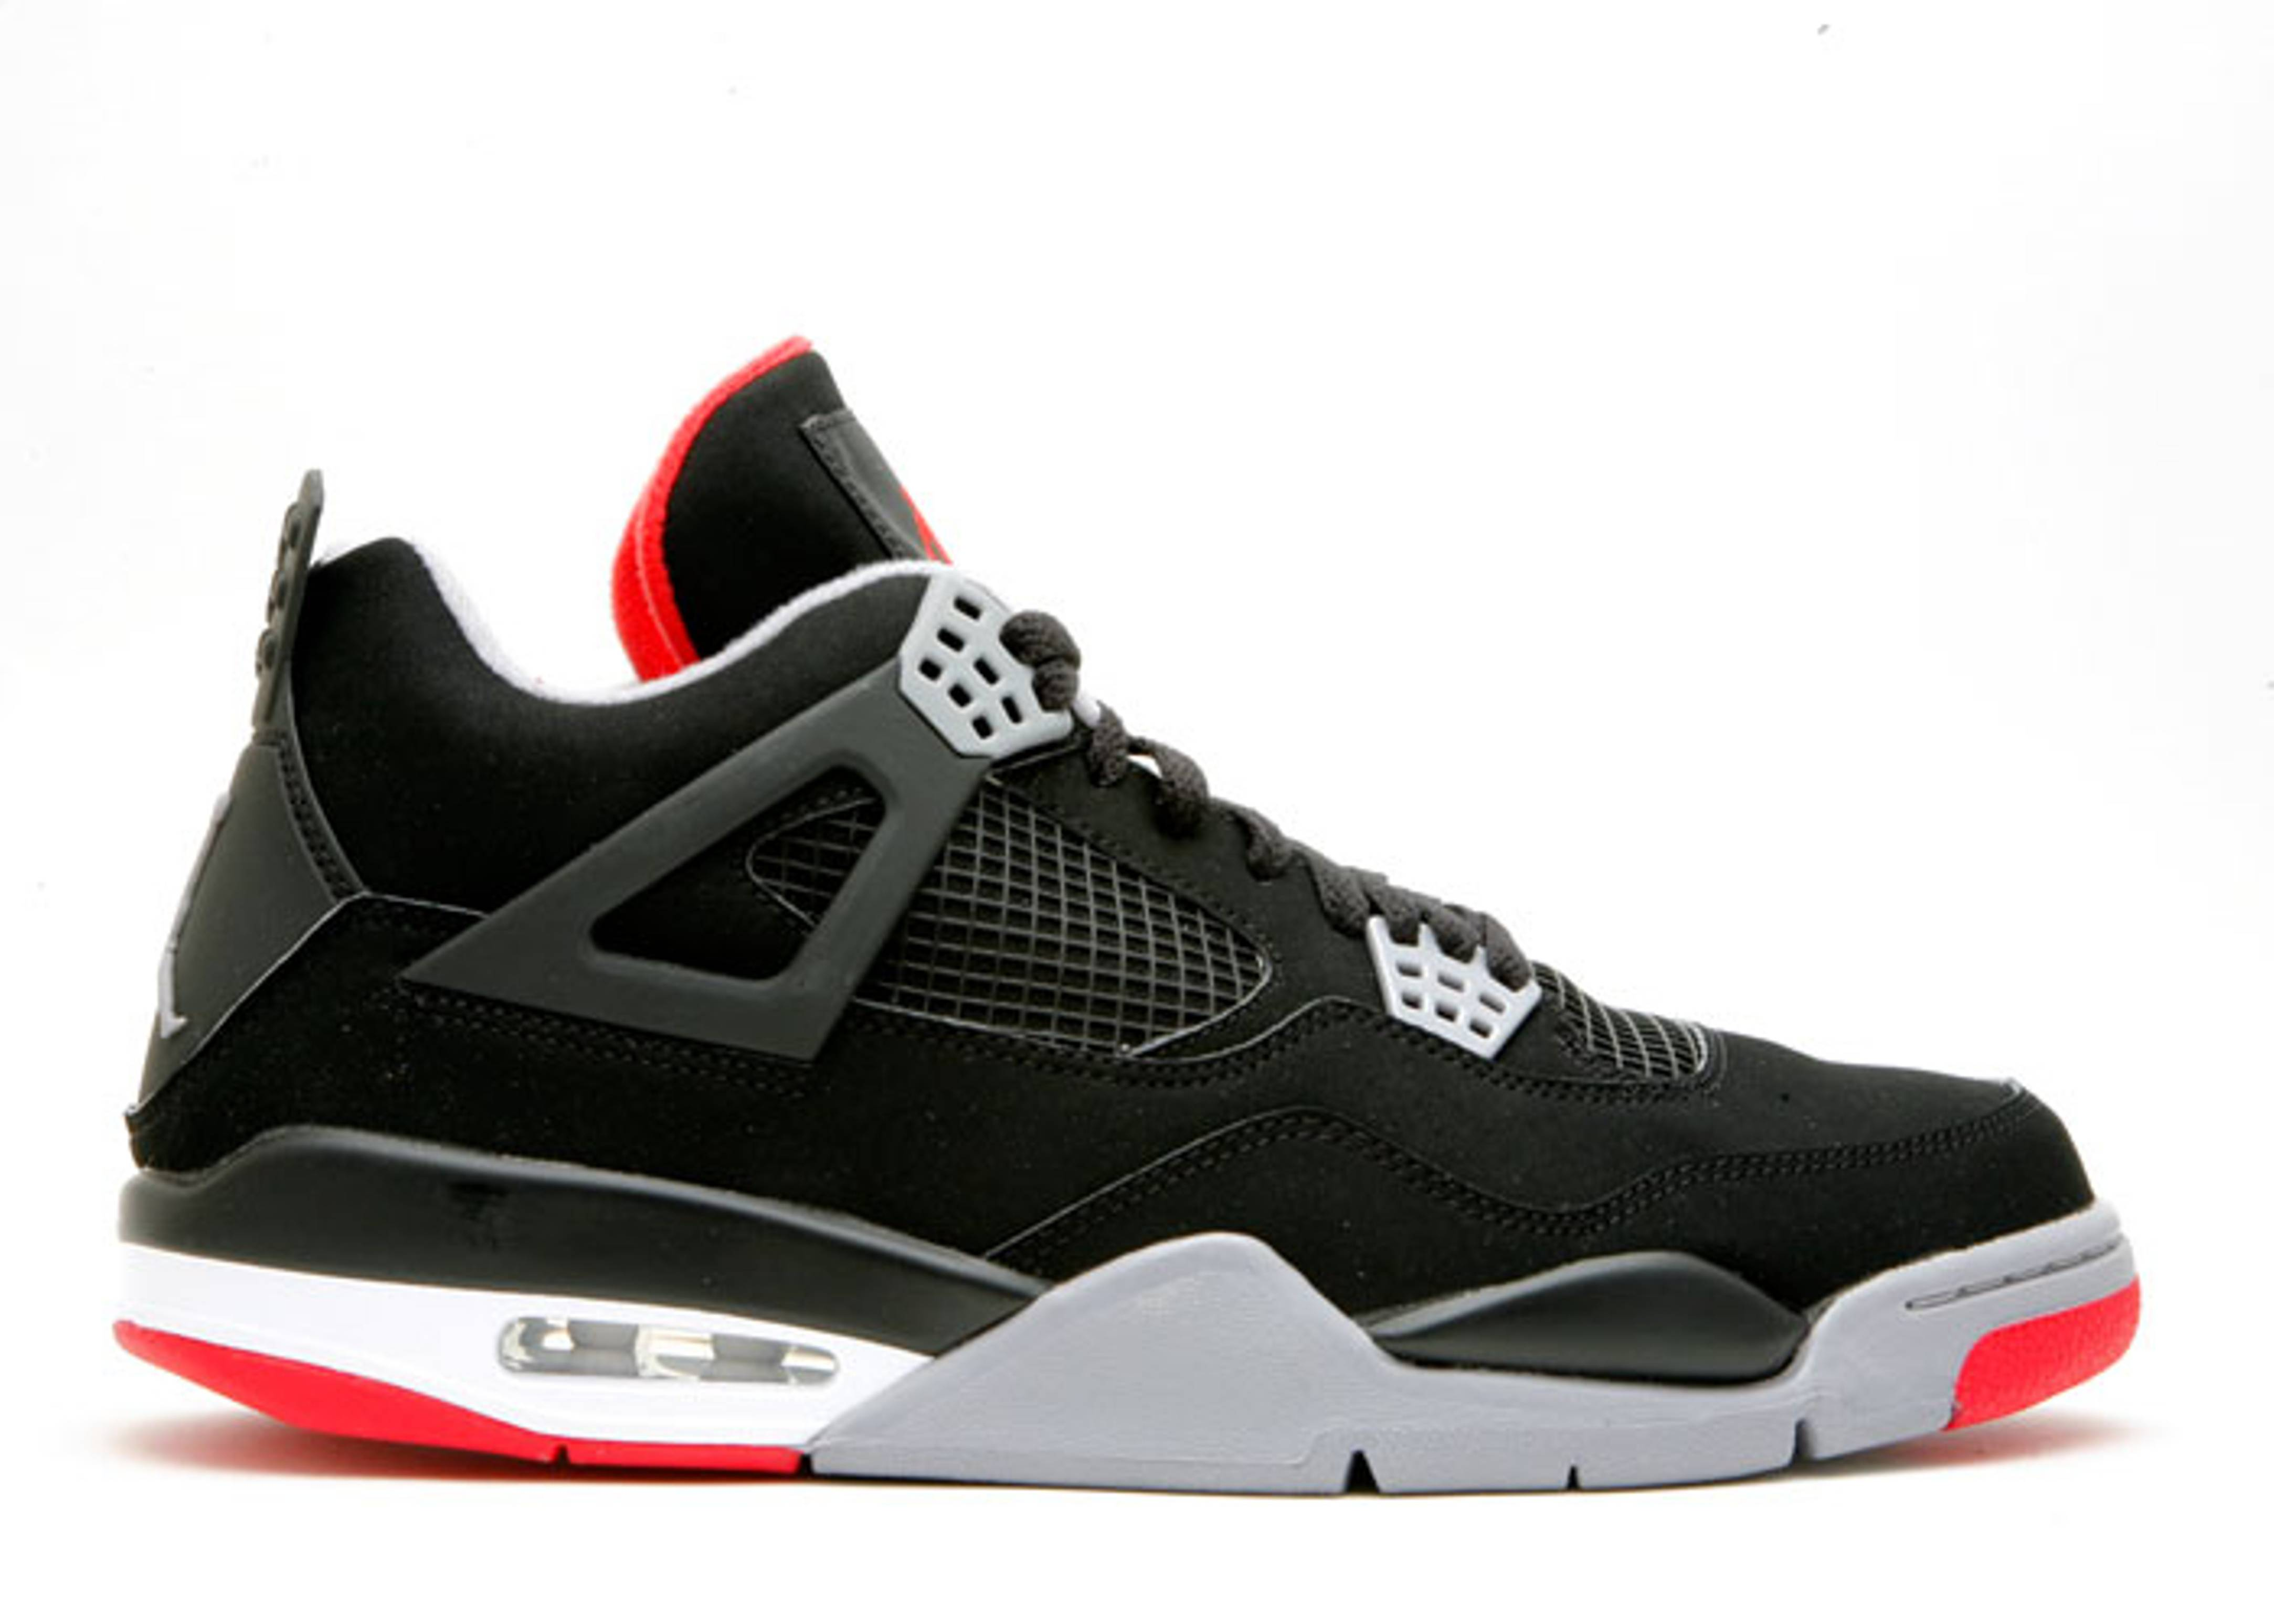 baratos últimas colecciones real Distancia Air Jordan Xix (19) 11s Retro Criados Cdp almacenar sneakernews venta precio oficial barato 53dE7x